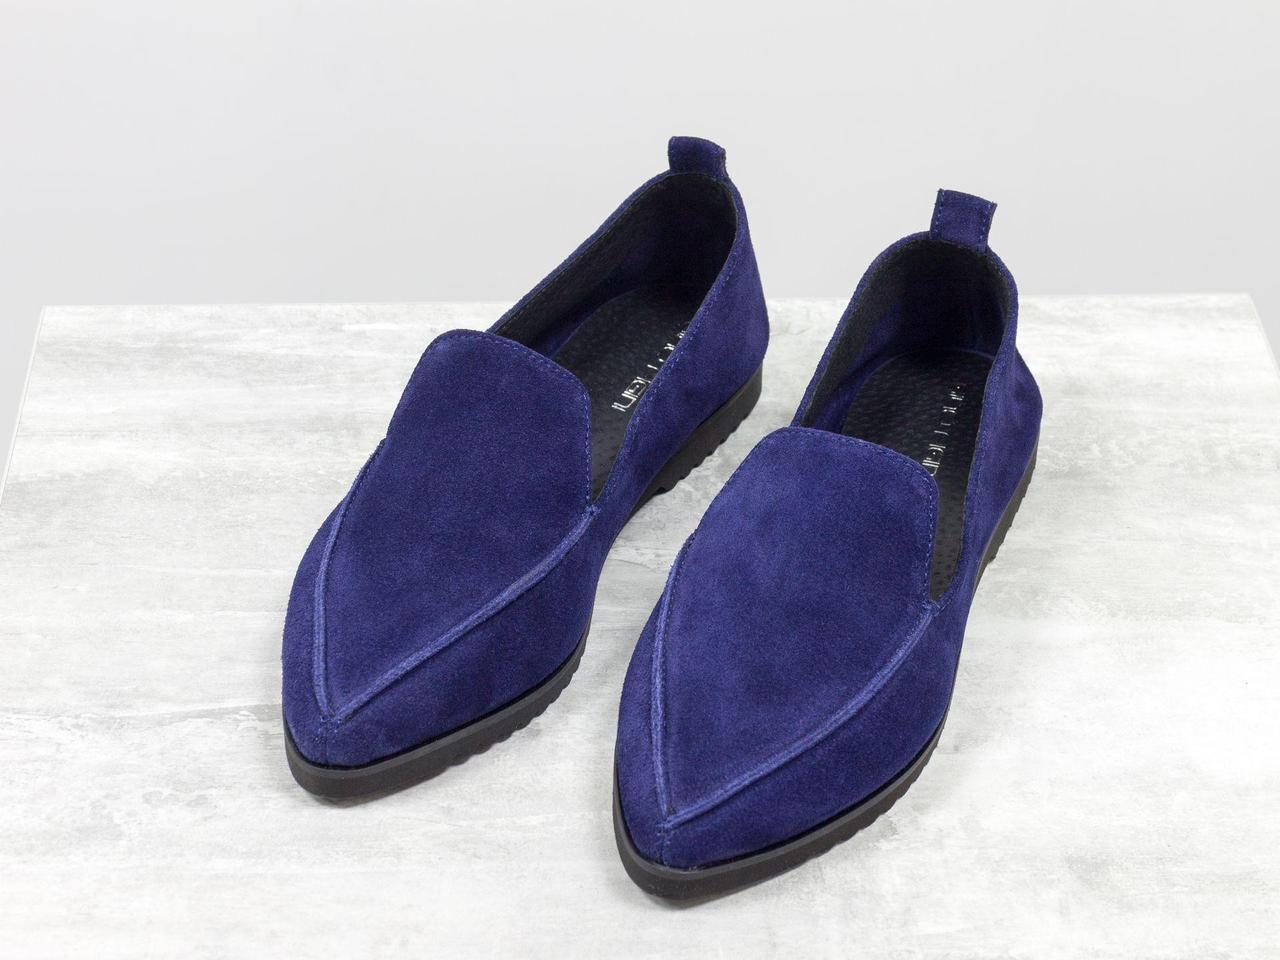 Облегченные туфли из натуральной замши насыщенного синего цвета на утолщенной подошве черного цвета